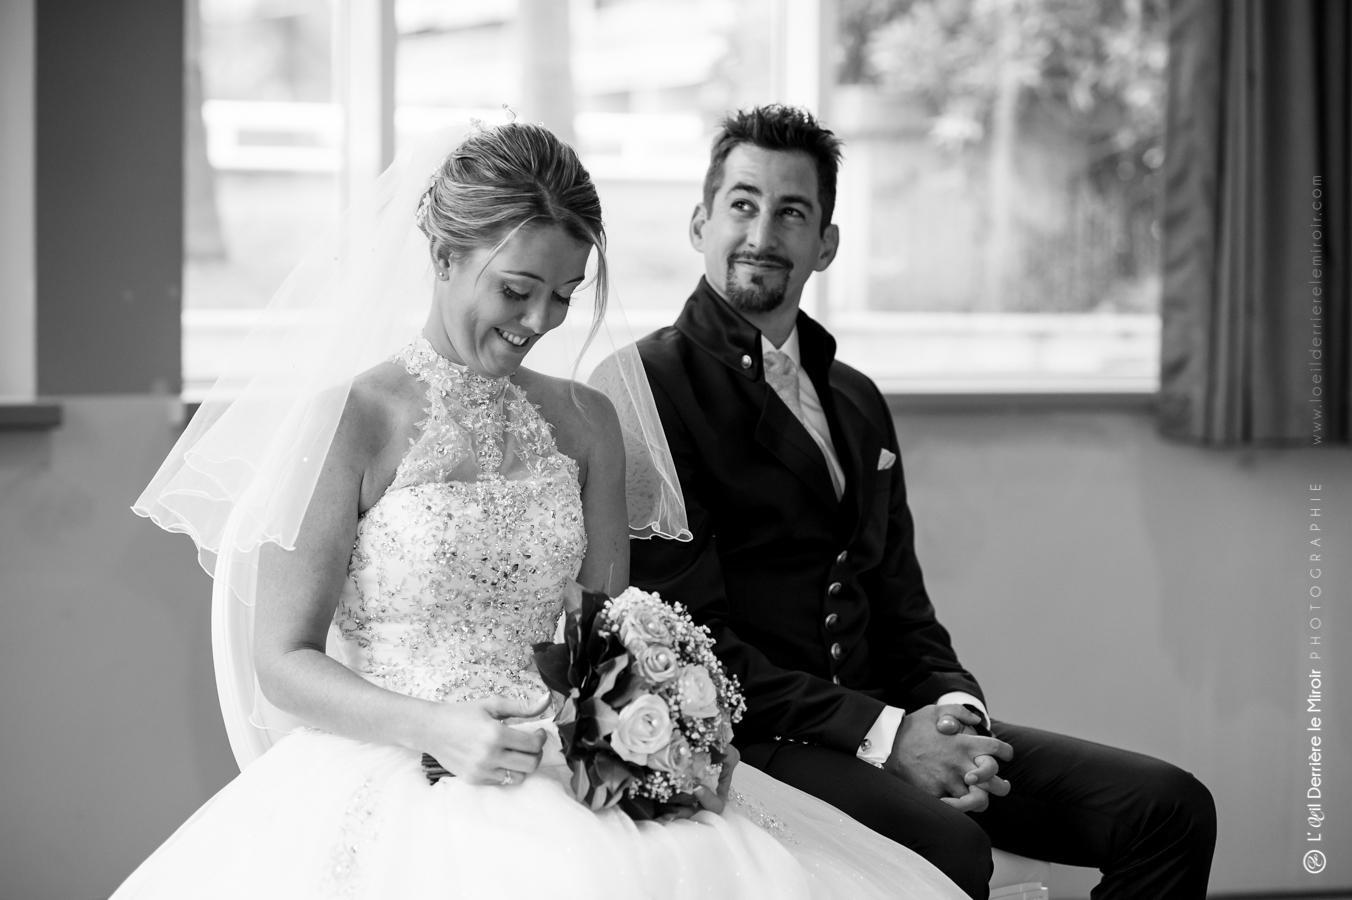 Photographe-mariage-monaco-loeilderrierelemiroir-040